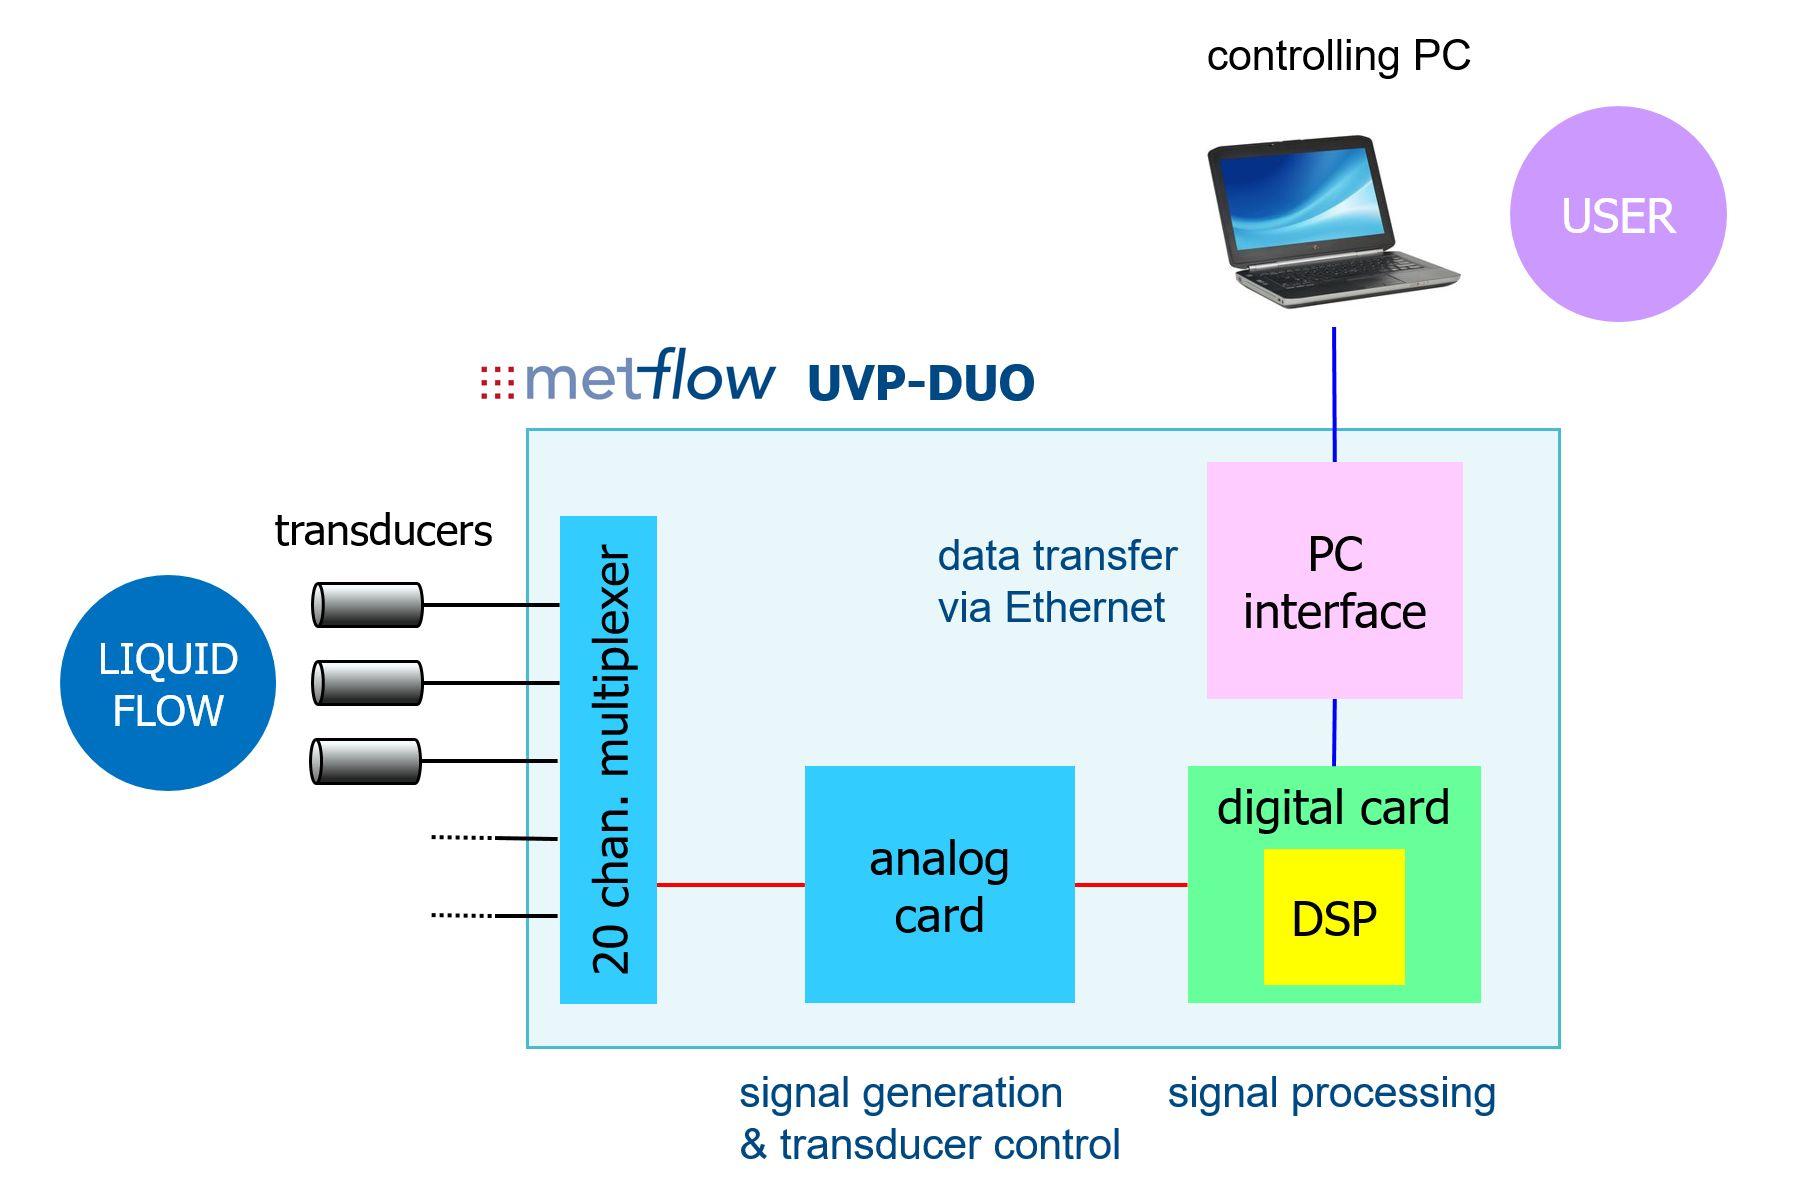 UVP-DUO architecture